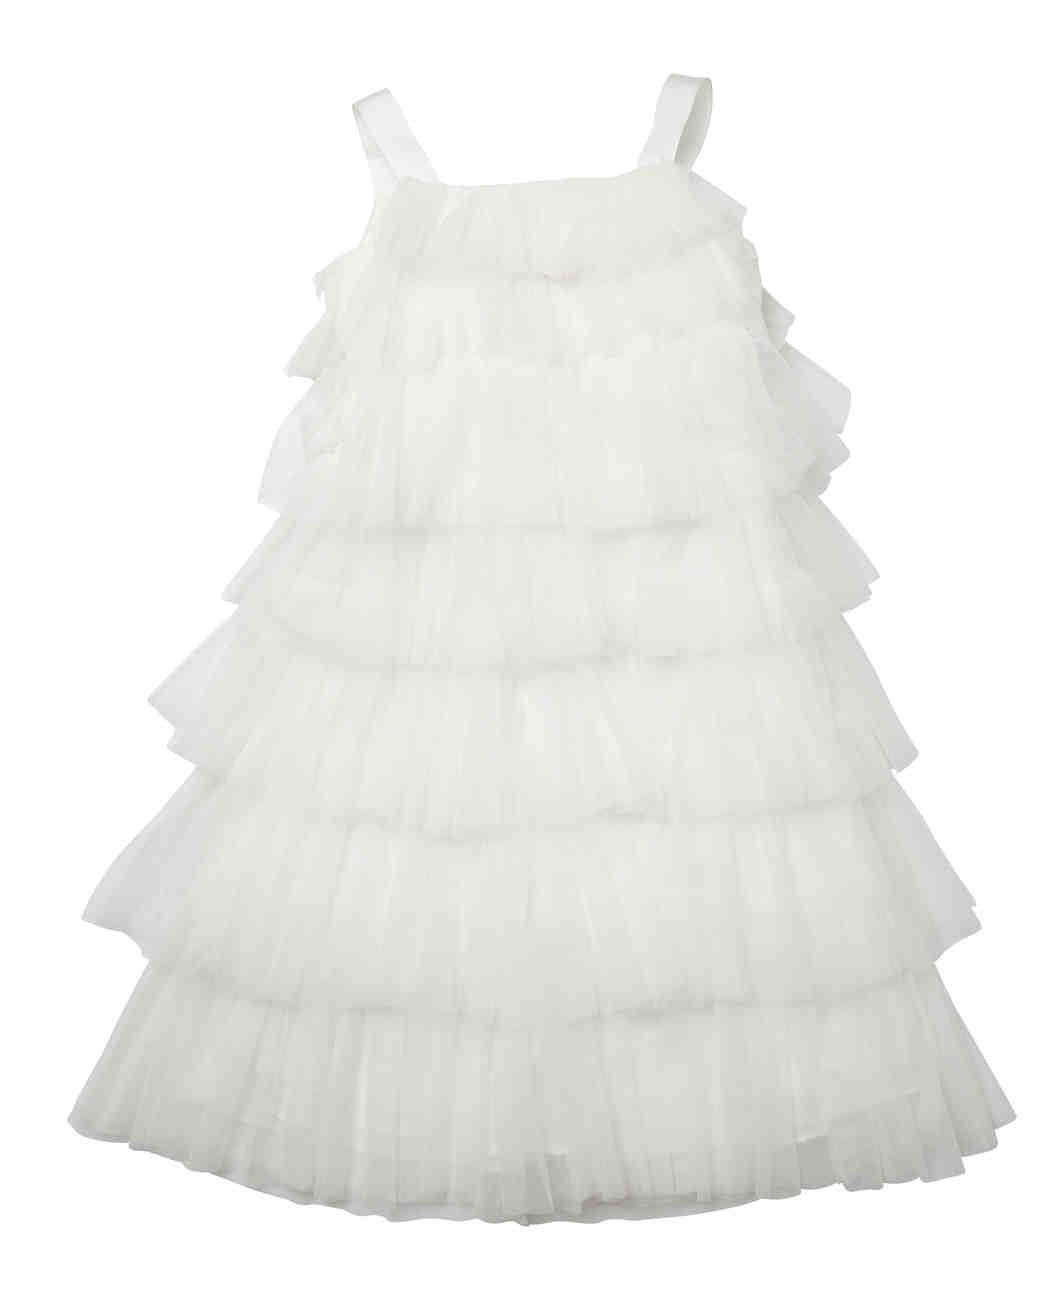 Flower girl dress for summer weddings fashion dresses flower girl dress for summer weddings mightylinksfo